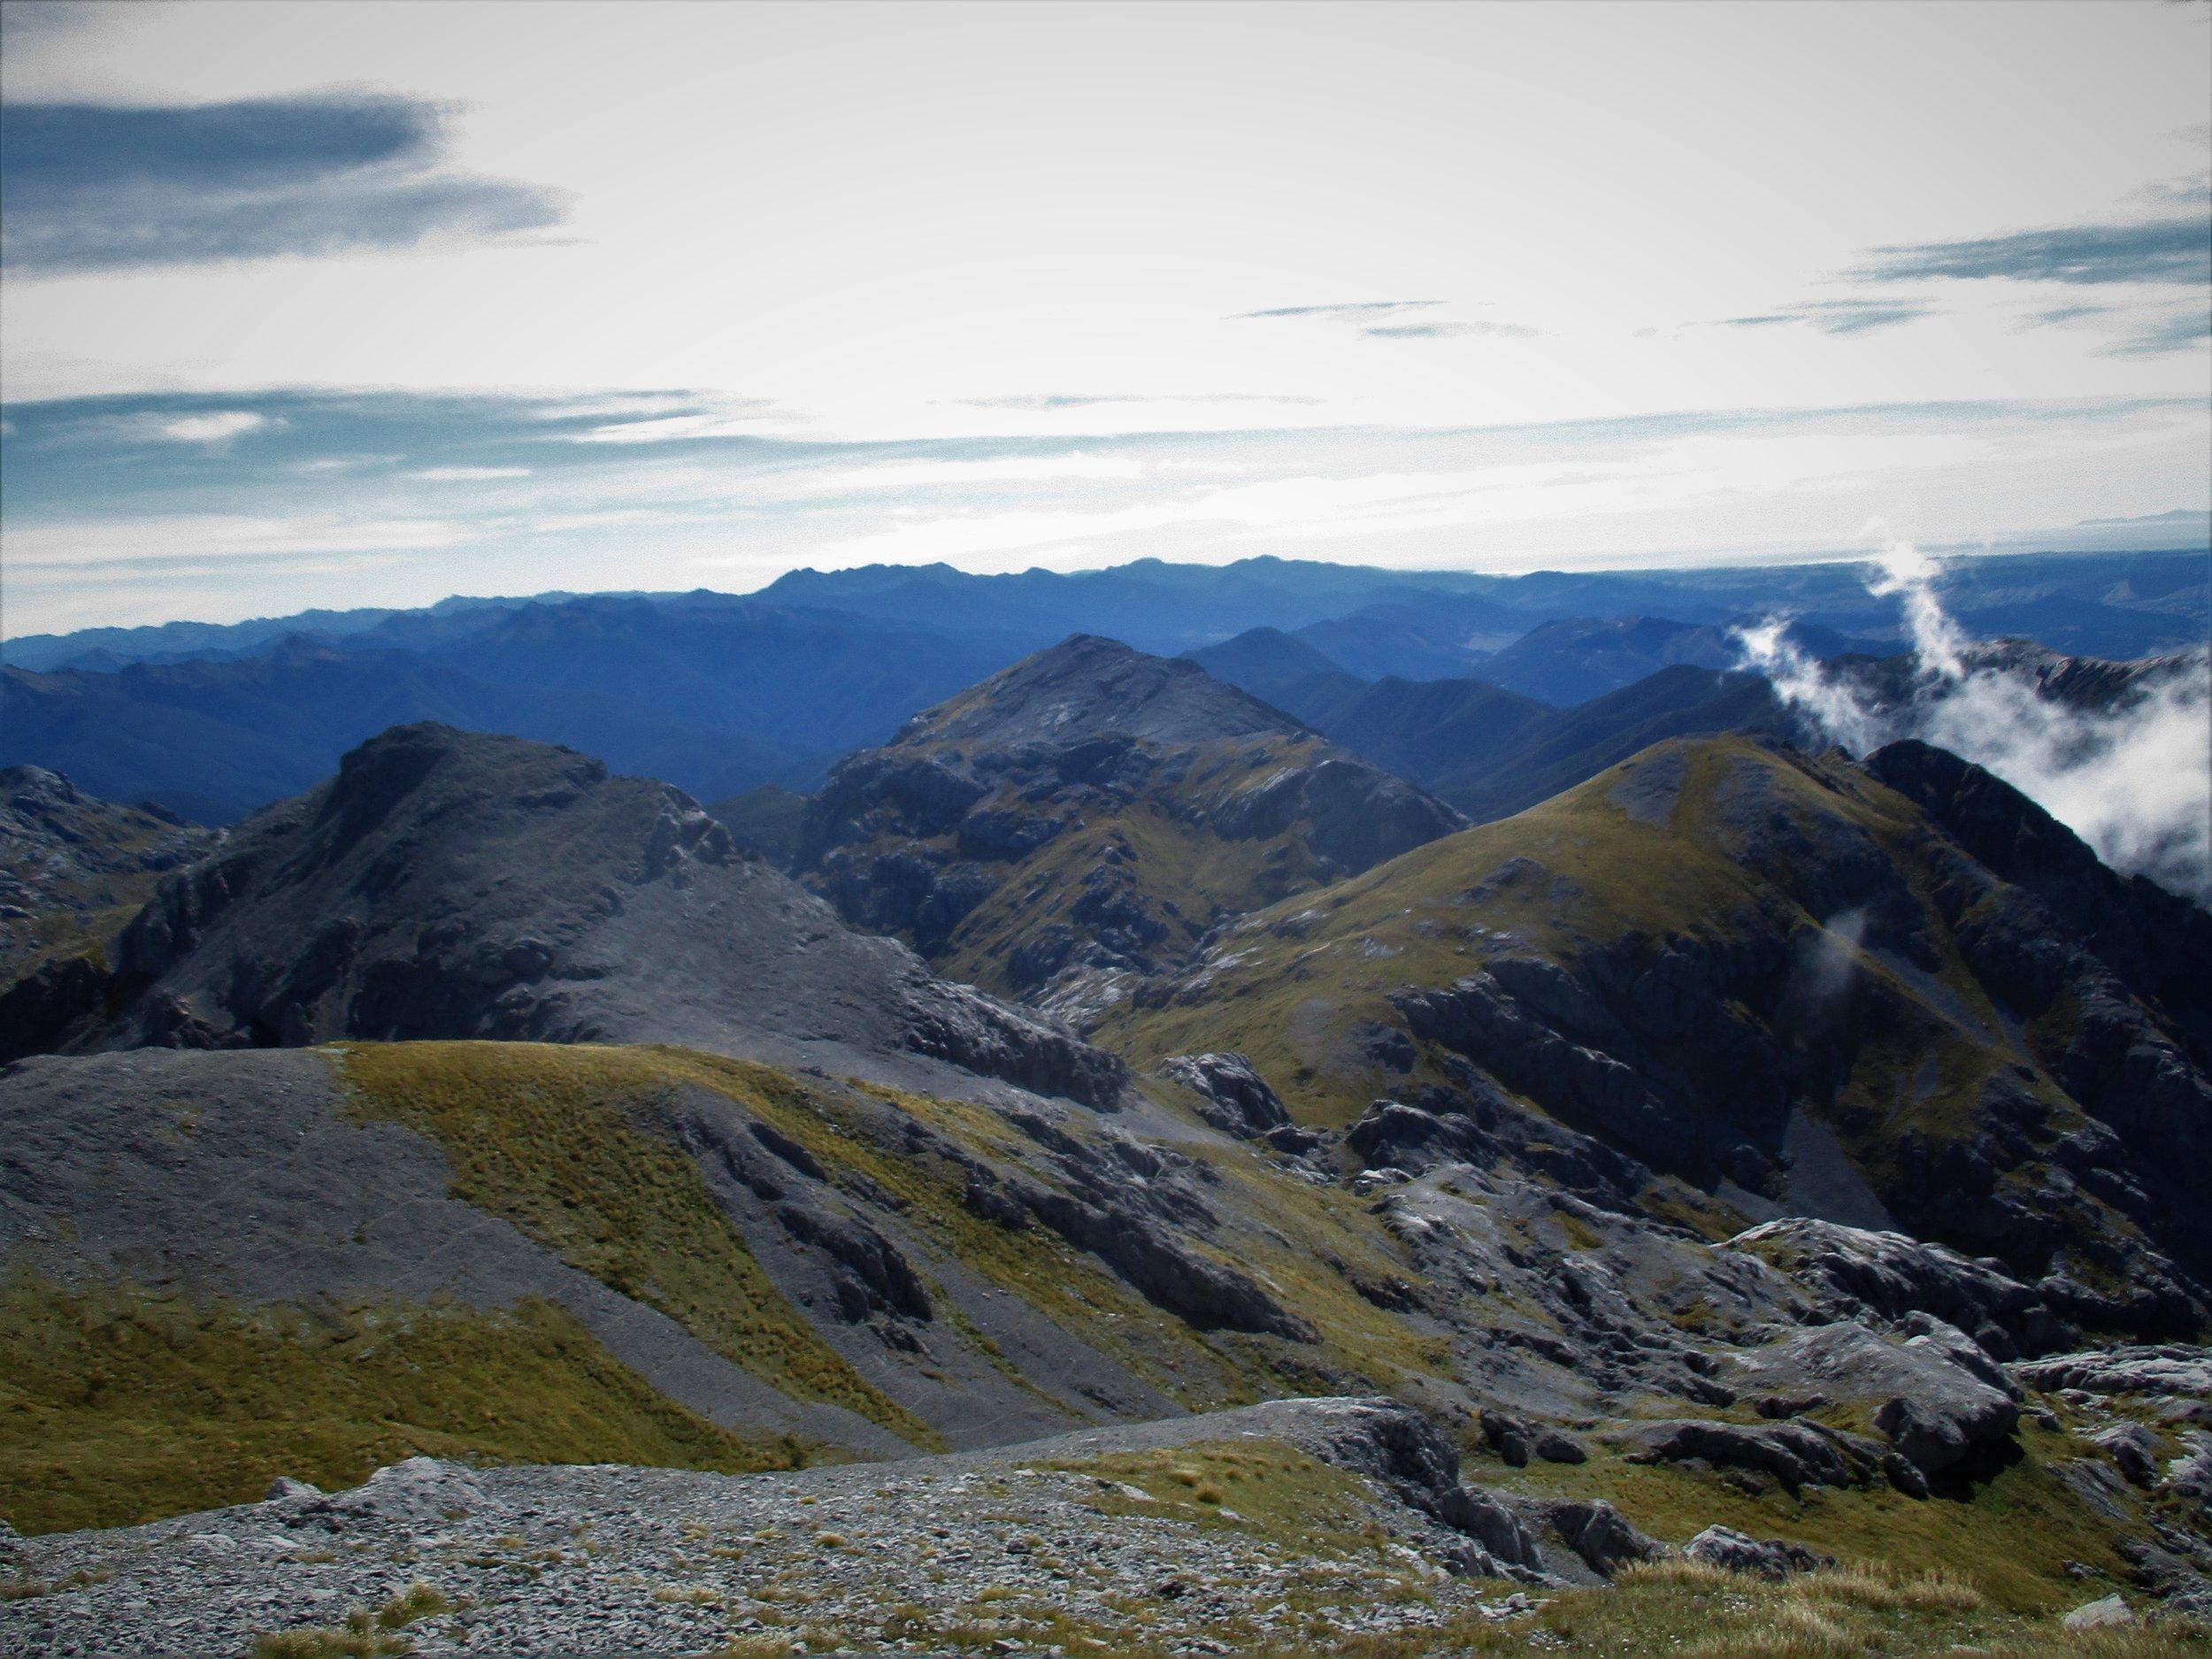 Marino mountains